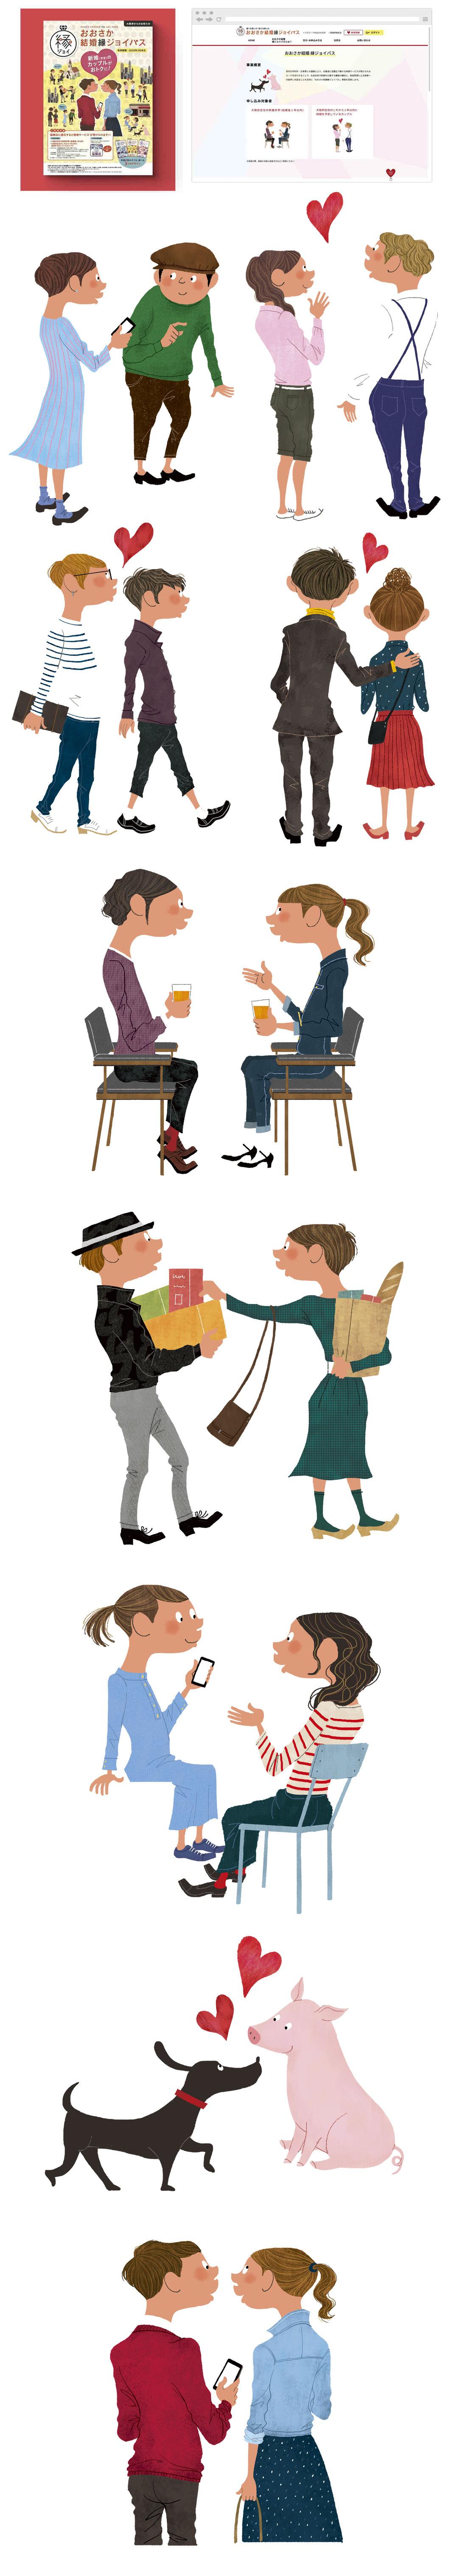 様々なカップルのイラスト